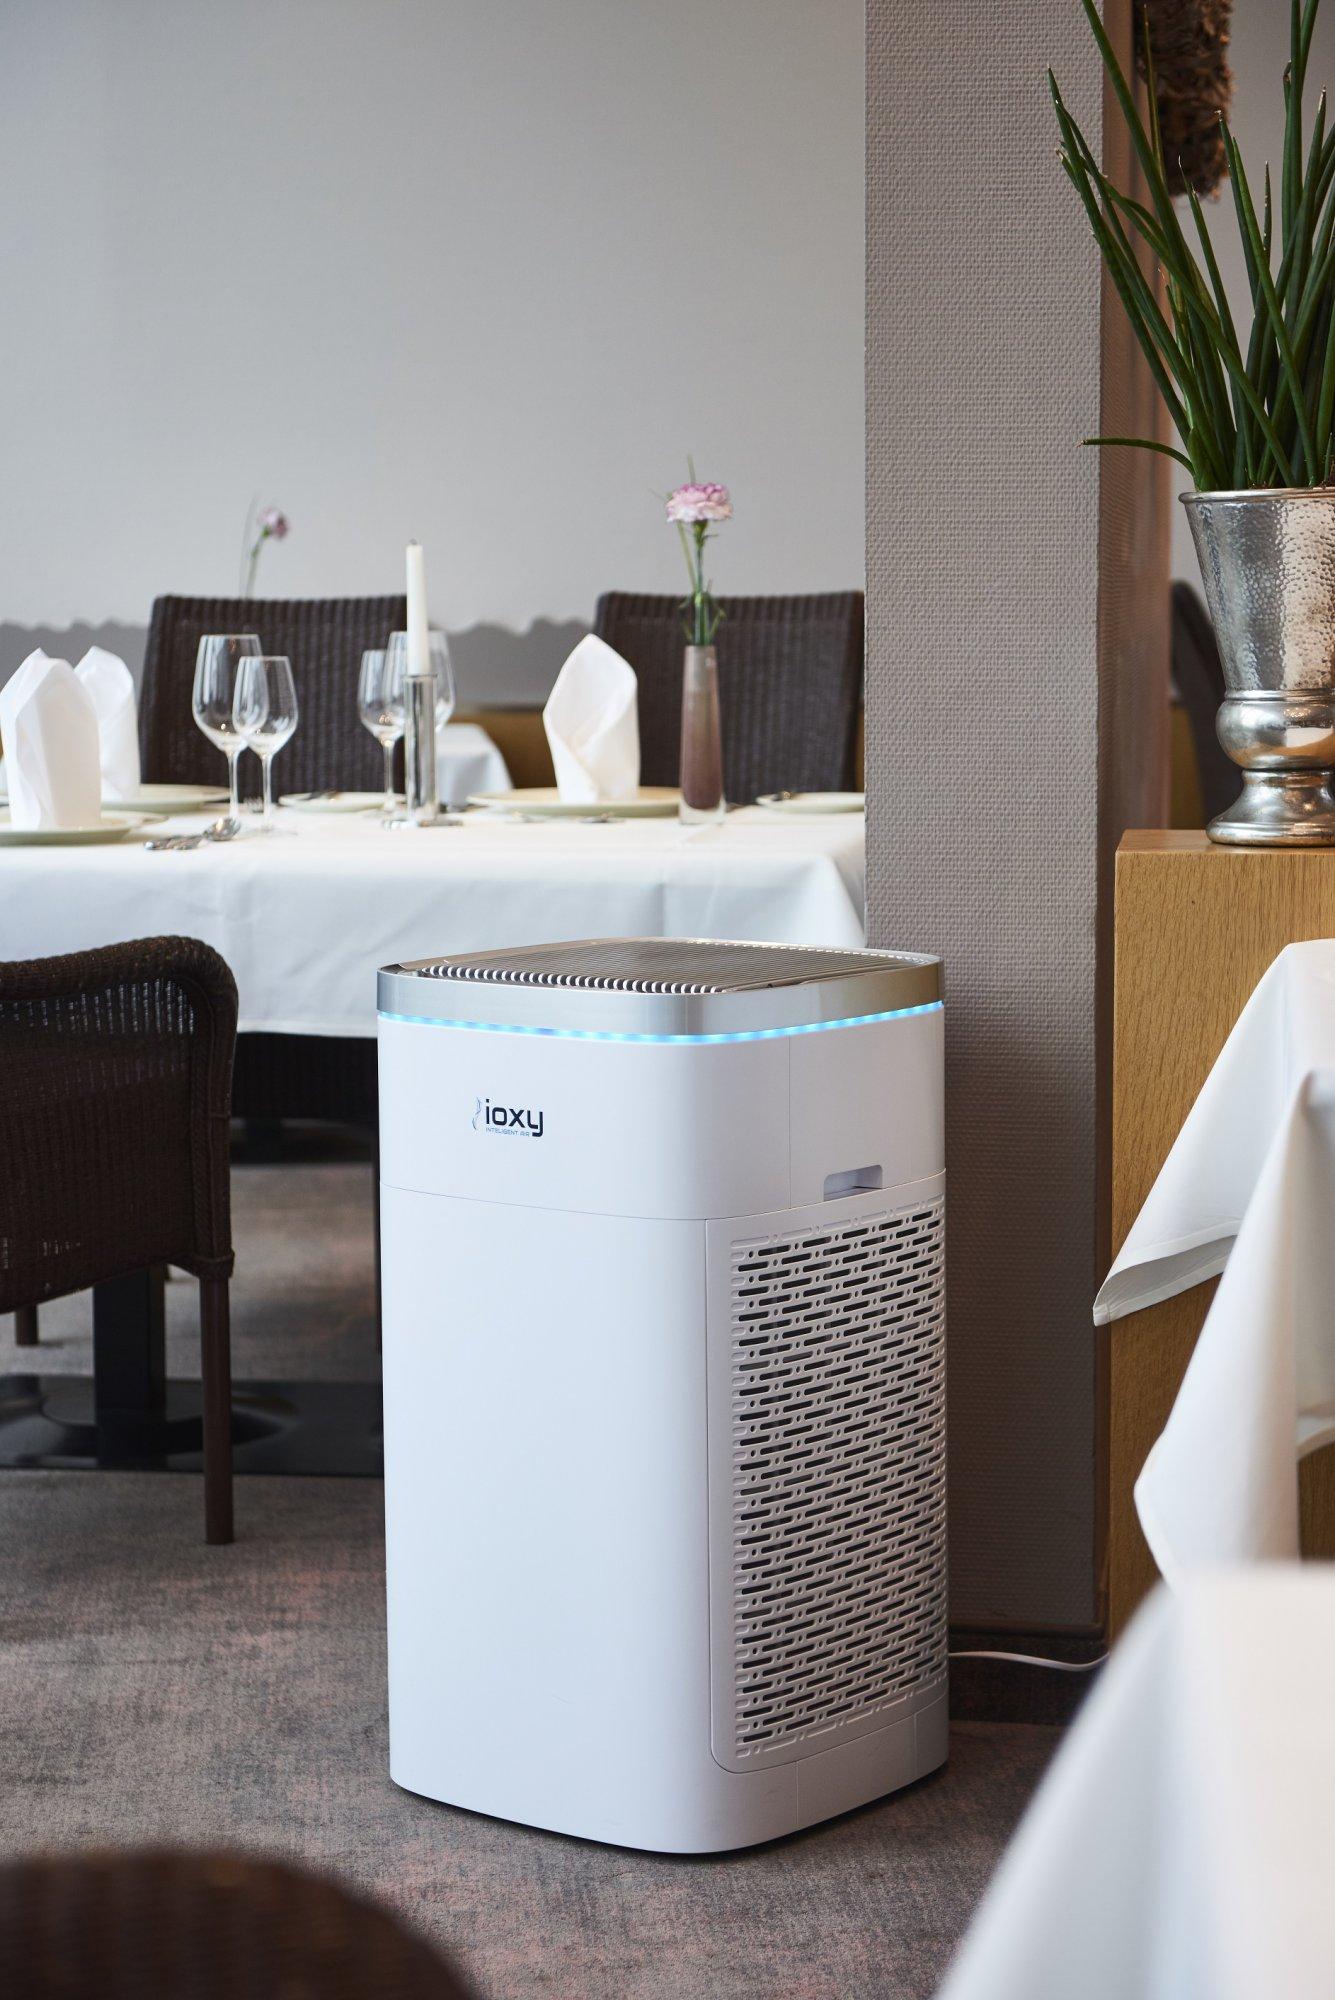 Luftreiniger ioxy Pro im Hotel Heinz